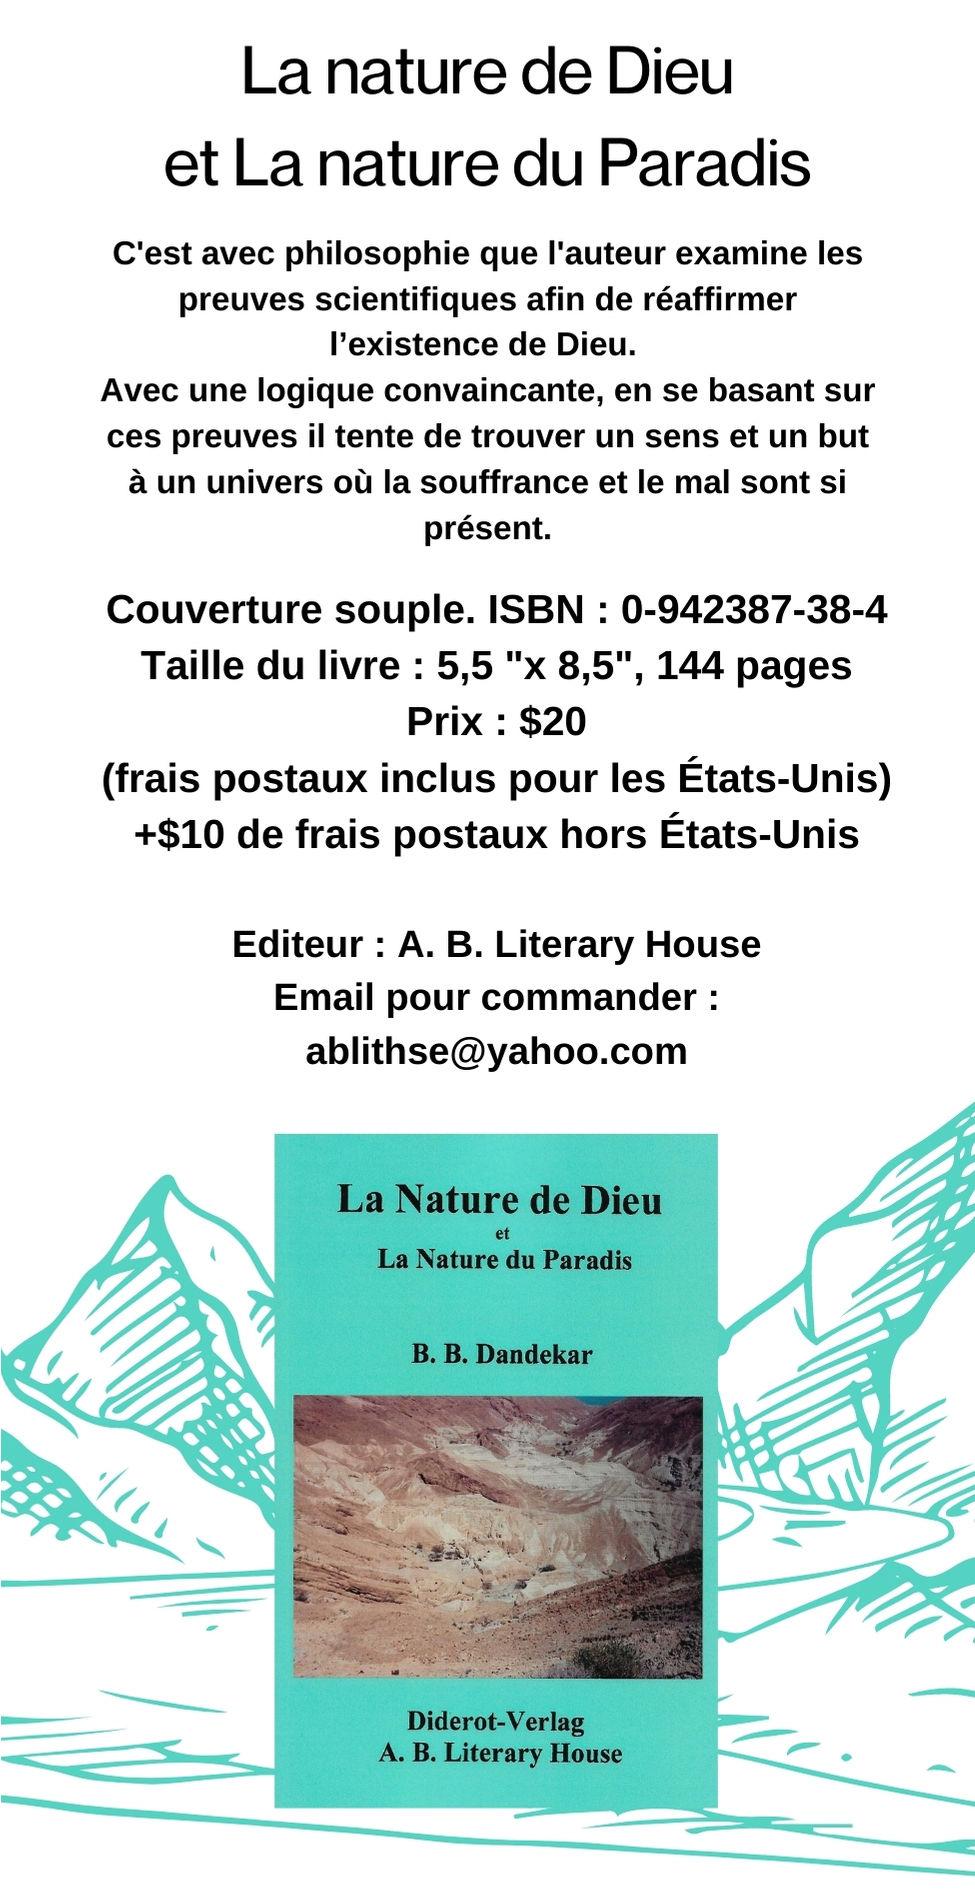 Livre : La nature de Dieu et La Nature du Paradis, par B.B Dandekar